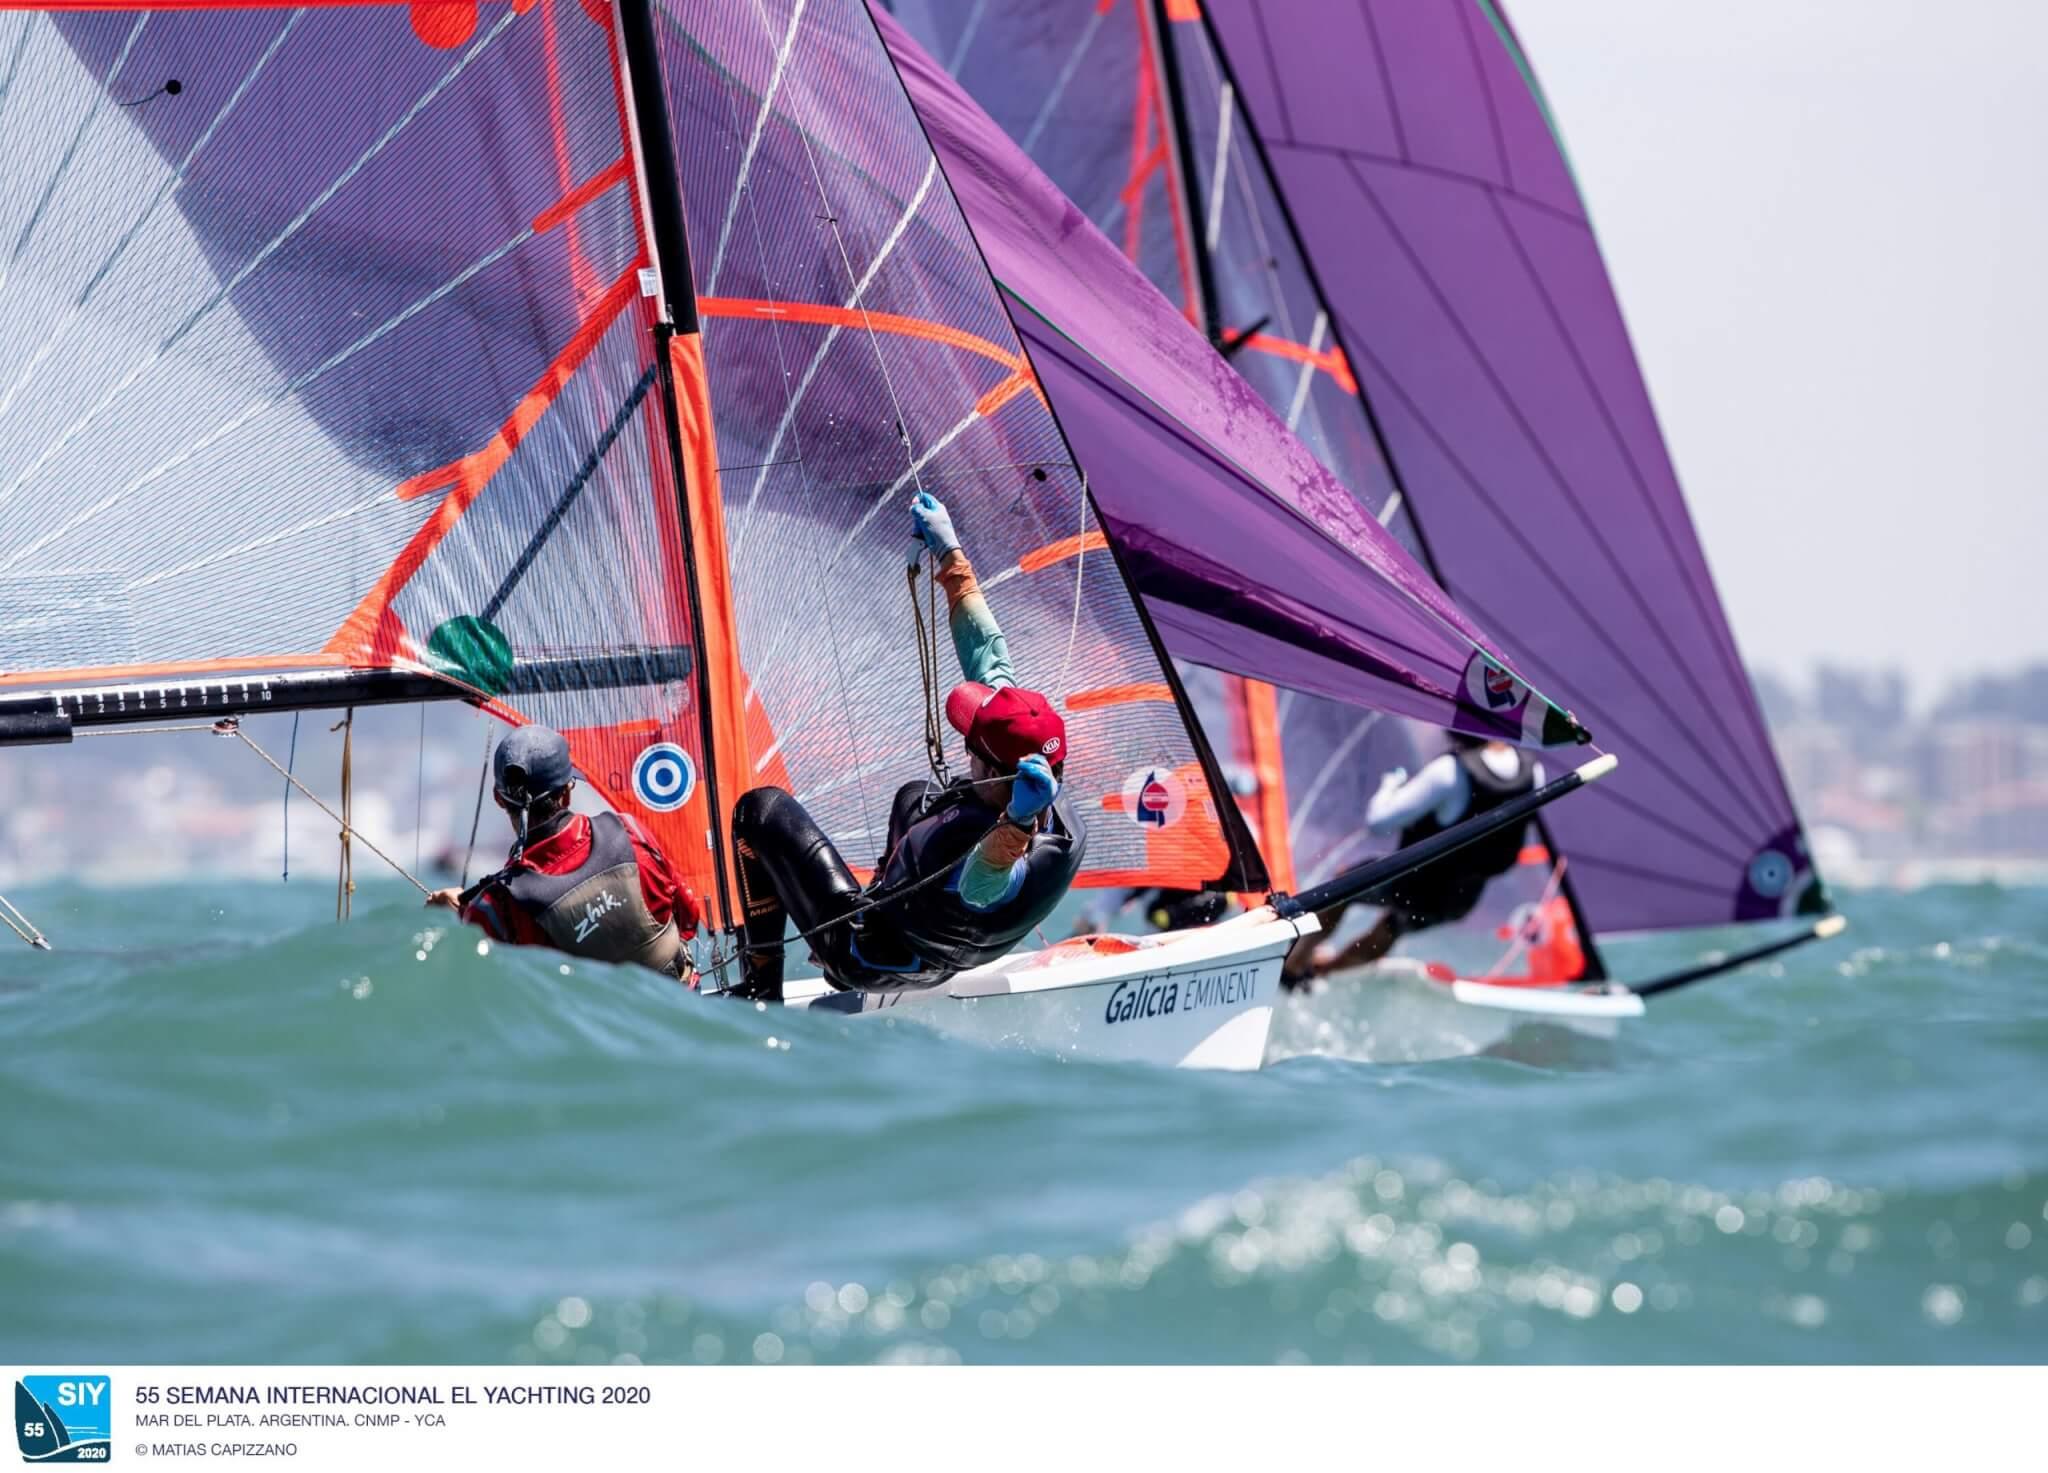 29er en la Semana Internacional de Yachting